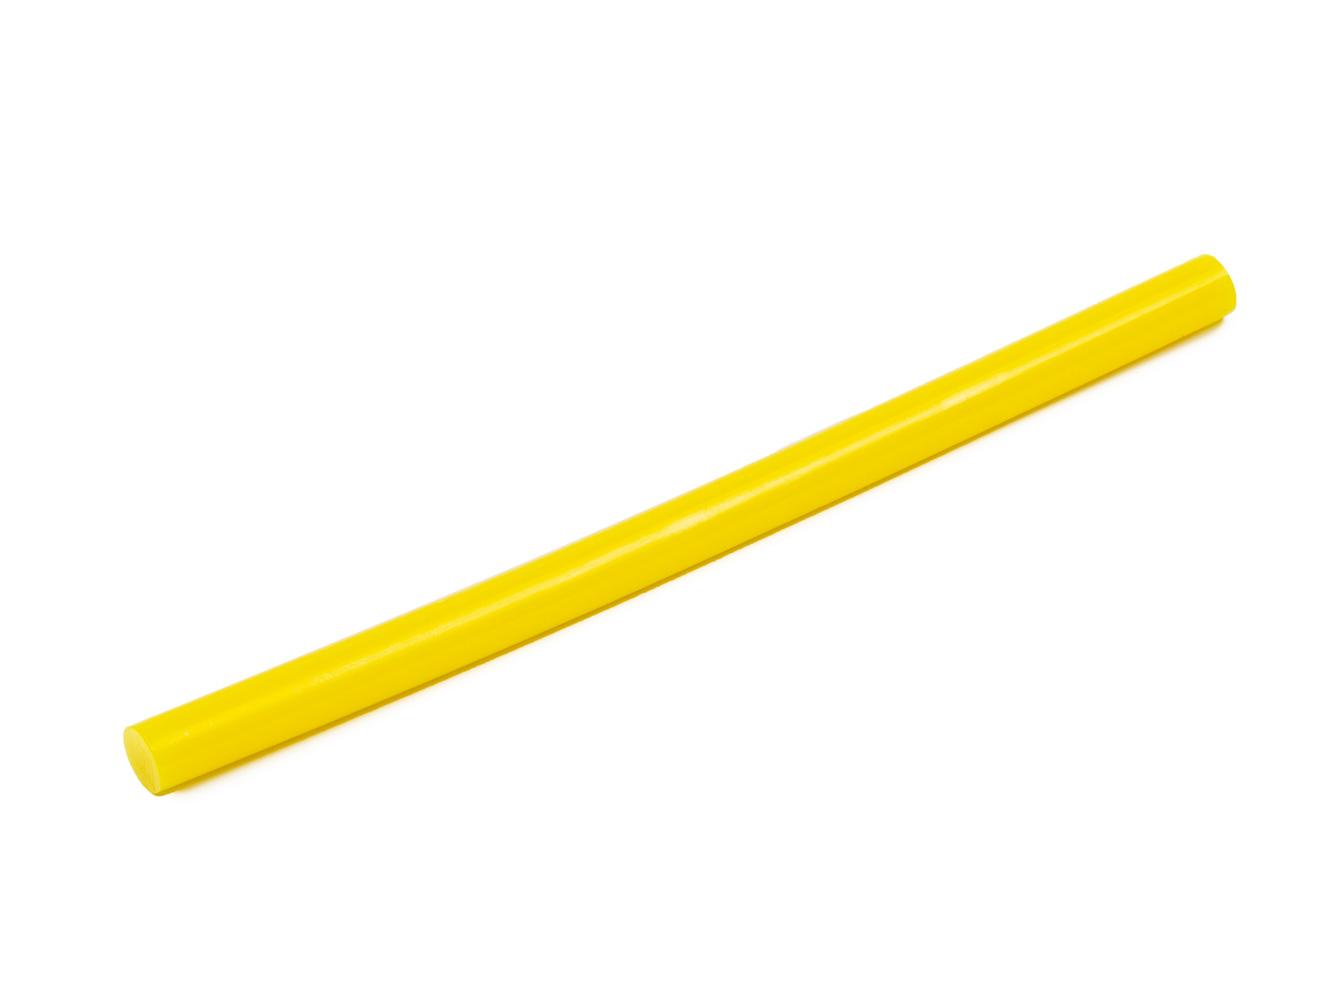 Tyčinka do tavné pistole žlutá průměr 11mm 1ks